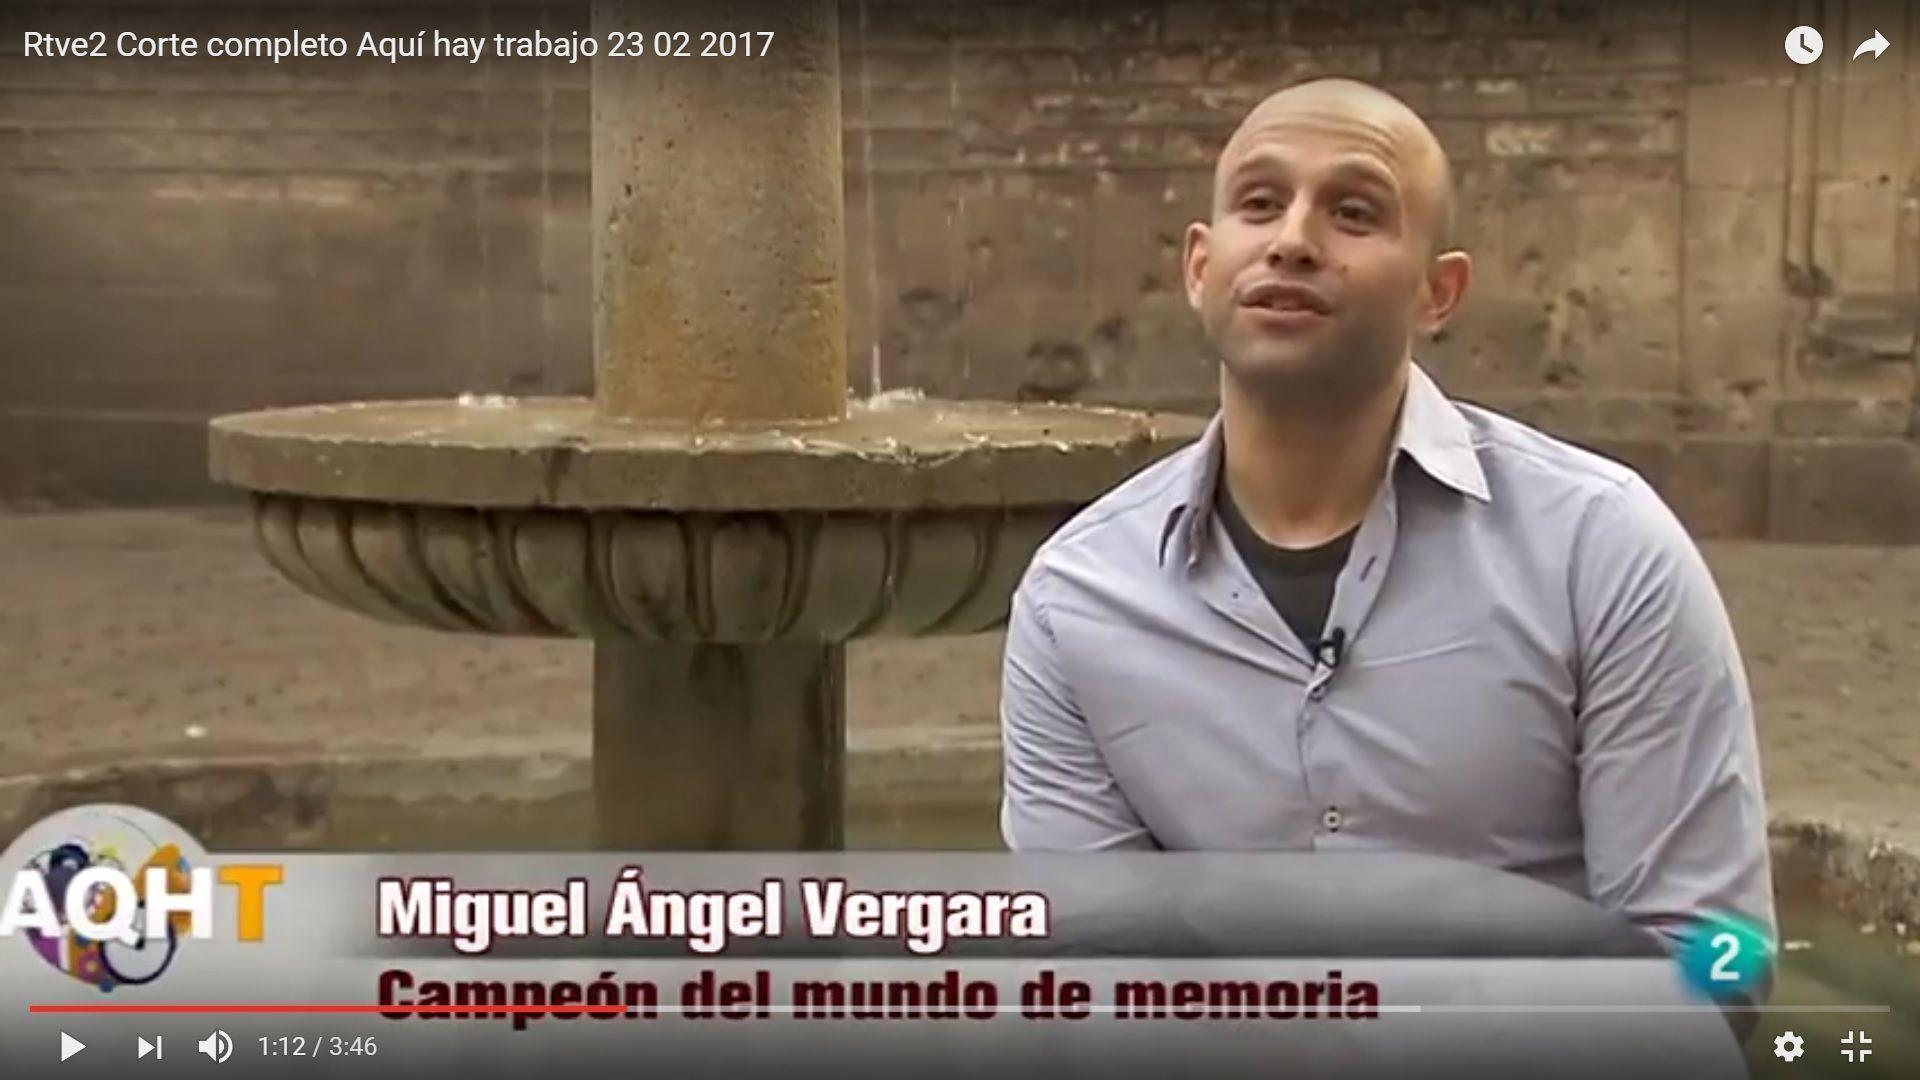 Entrevista TVE2 En primera persona Miguel Angel Vergara